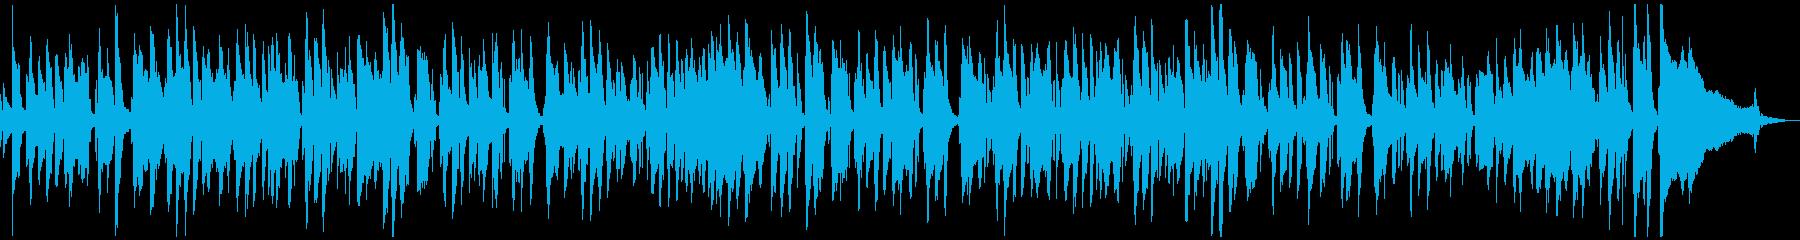 ピアノジャズのオシャレな「たなばたさま」の再生済みの波形